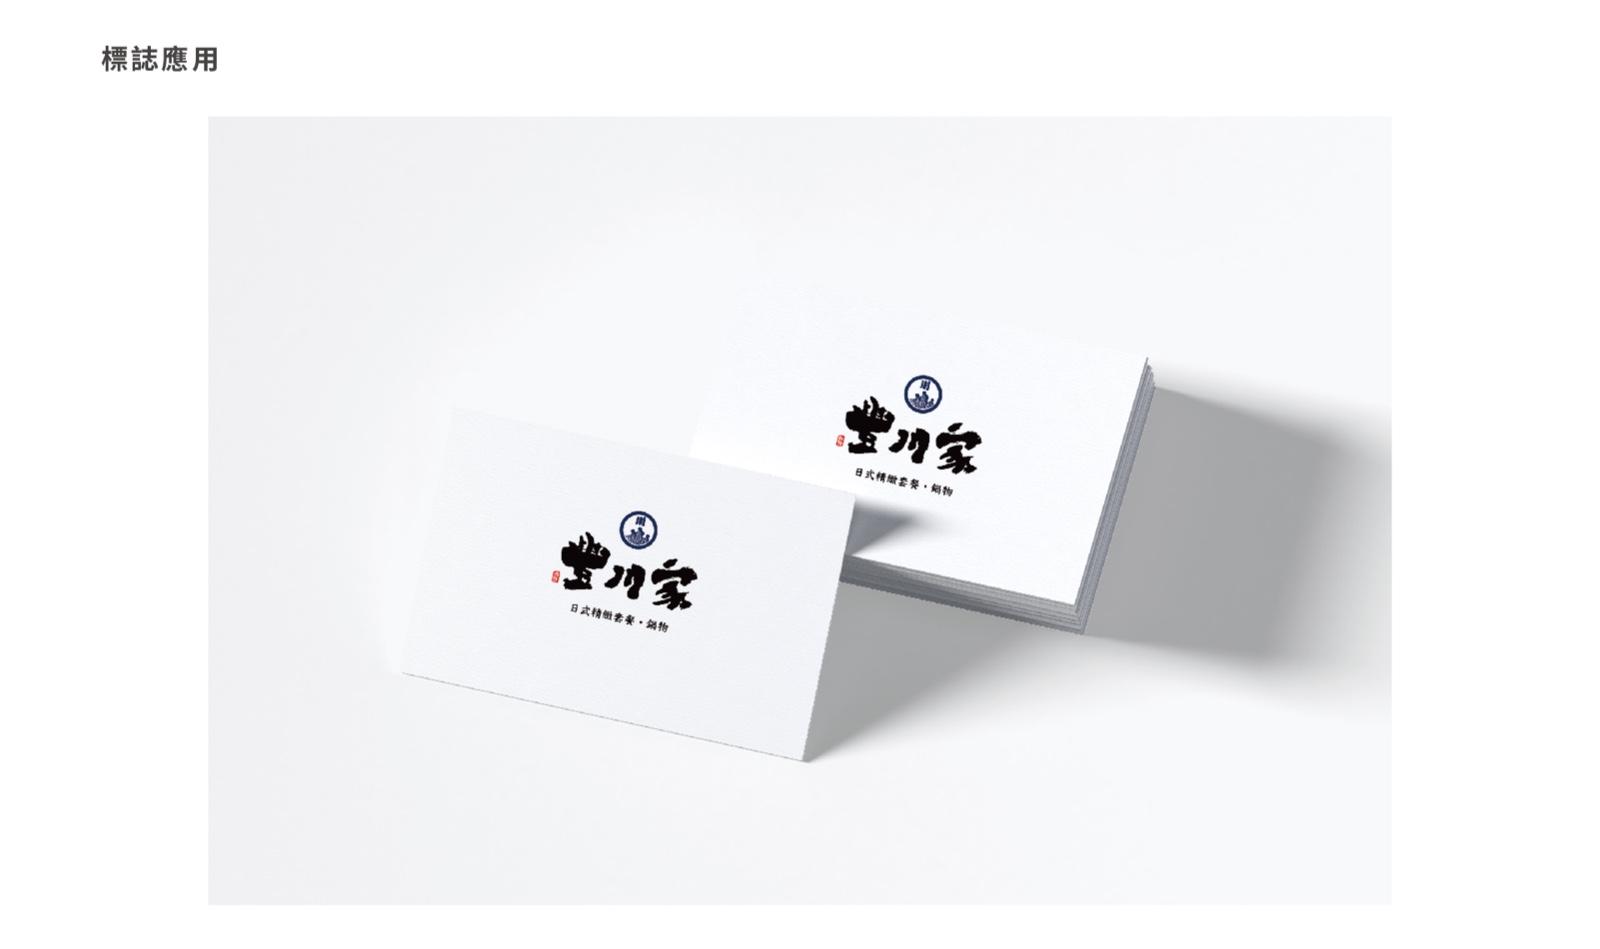 豐川家 名片設計 | 甘樂文創 | 甘之如飴,樂在其中